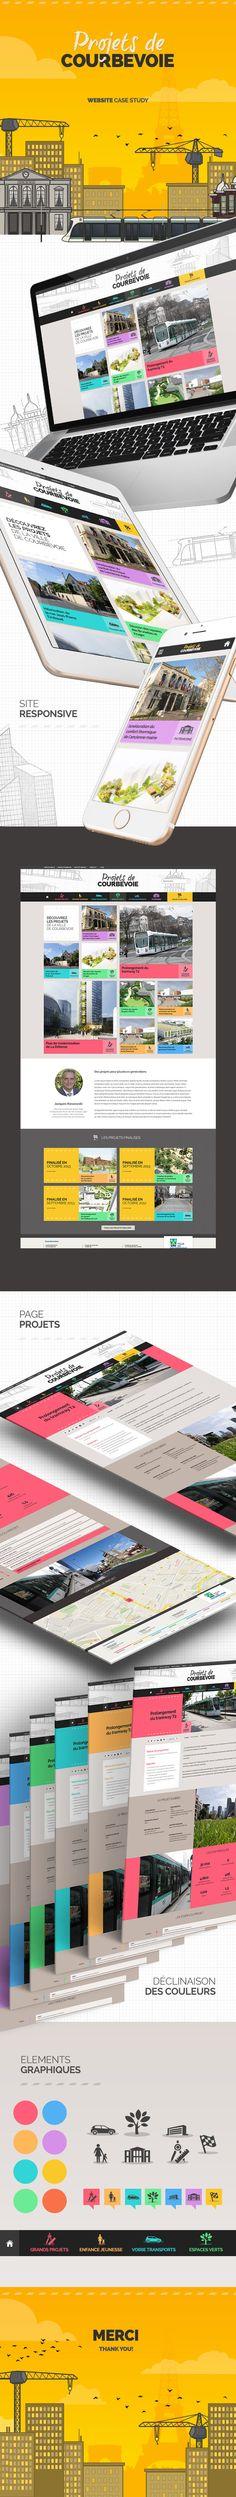 Projets de Courbevoie - Gweno - Graphiste, Motion et Web designer à Rennes